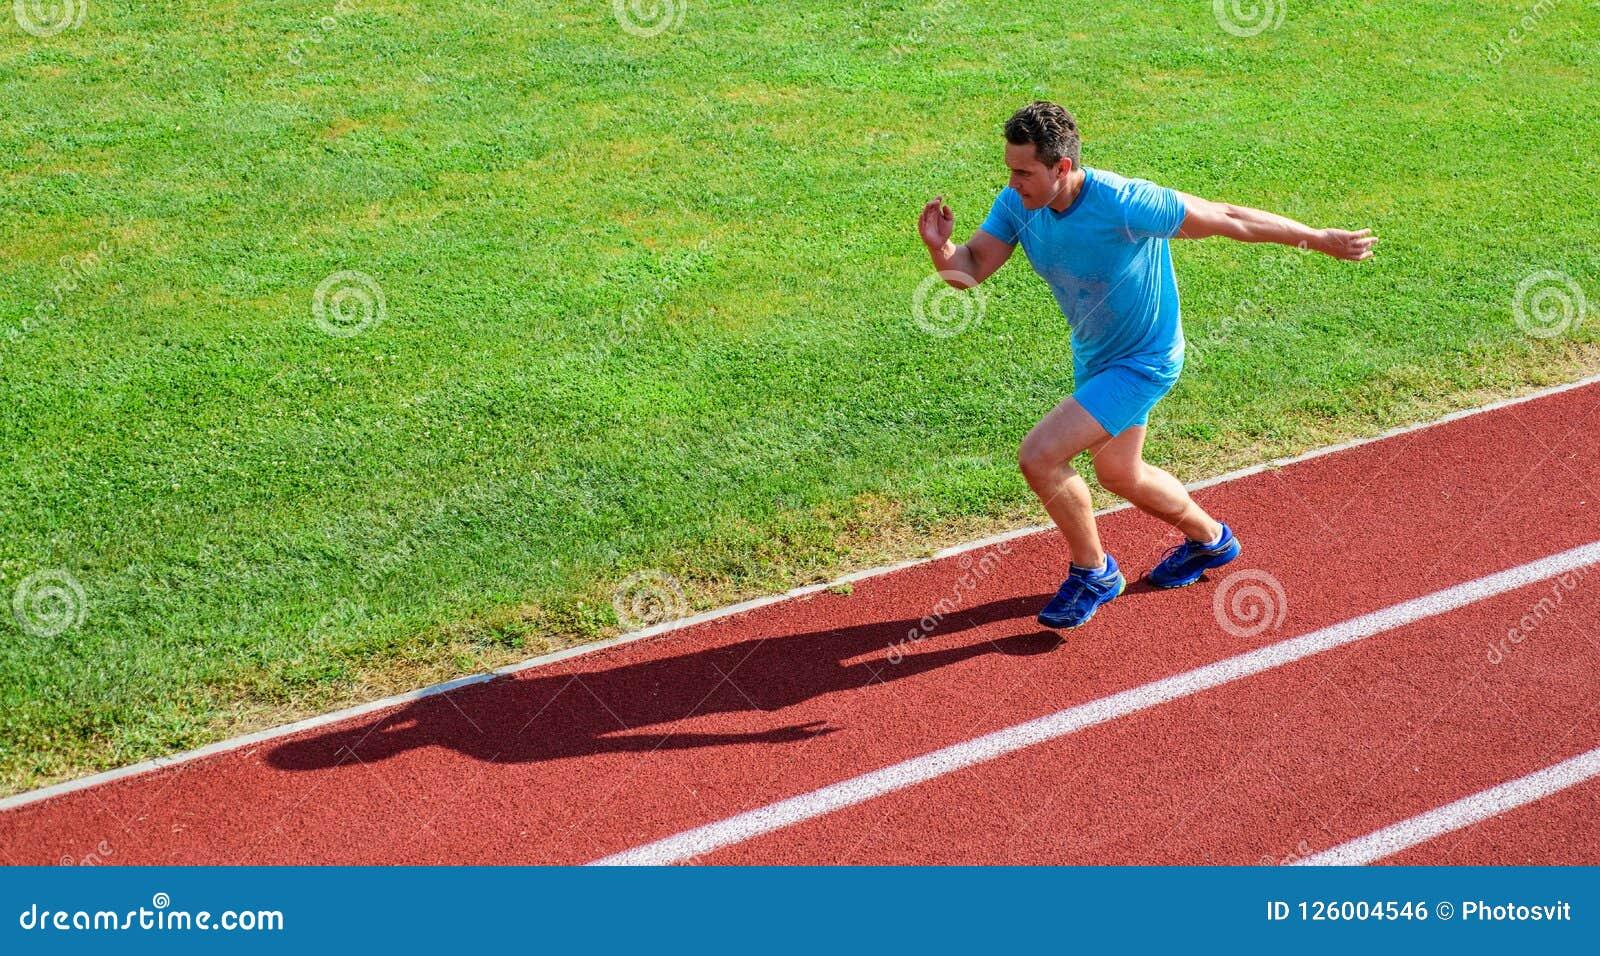 2642e00d48 Sprinter training at stadium track. Runner captured in midair. Short  distance running challenge. Boost speed. Athlete run track grass background.